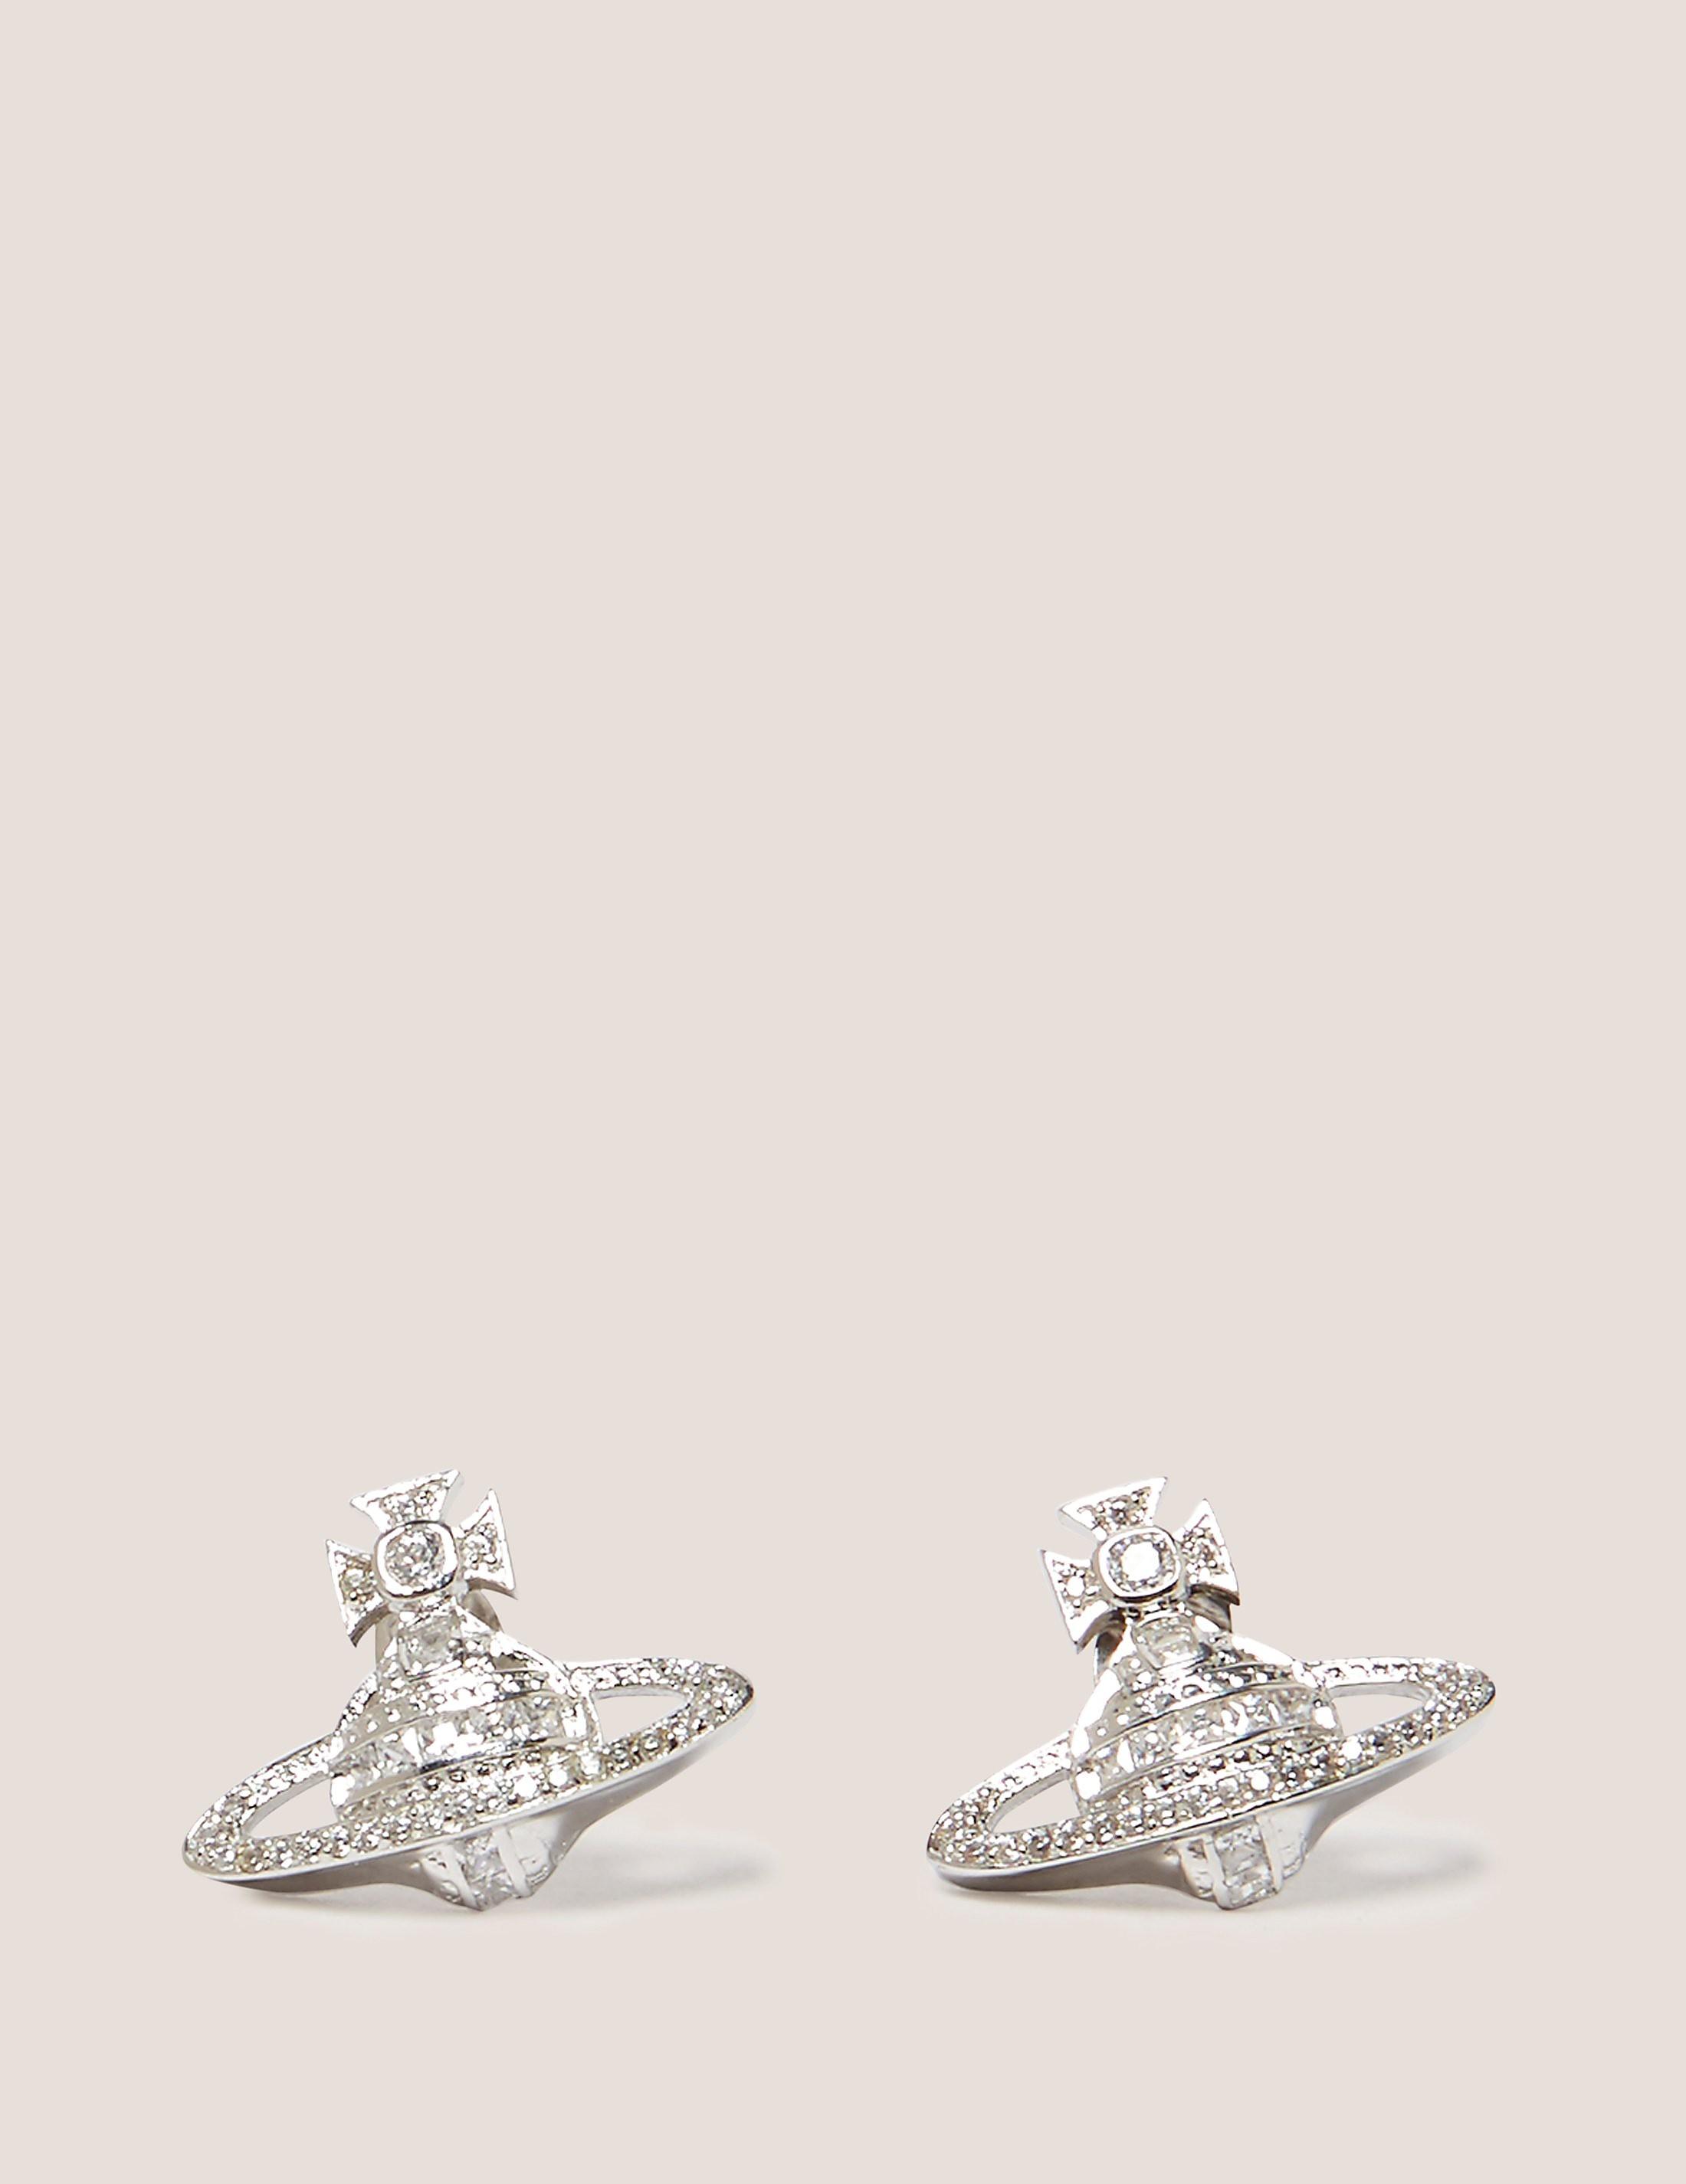 Vivienne Westwood Andrea Stud Earrings